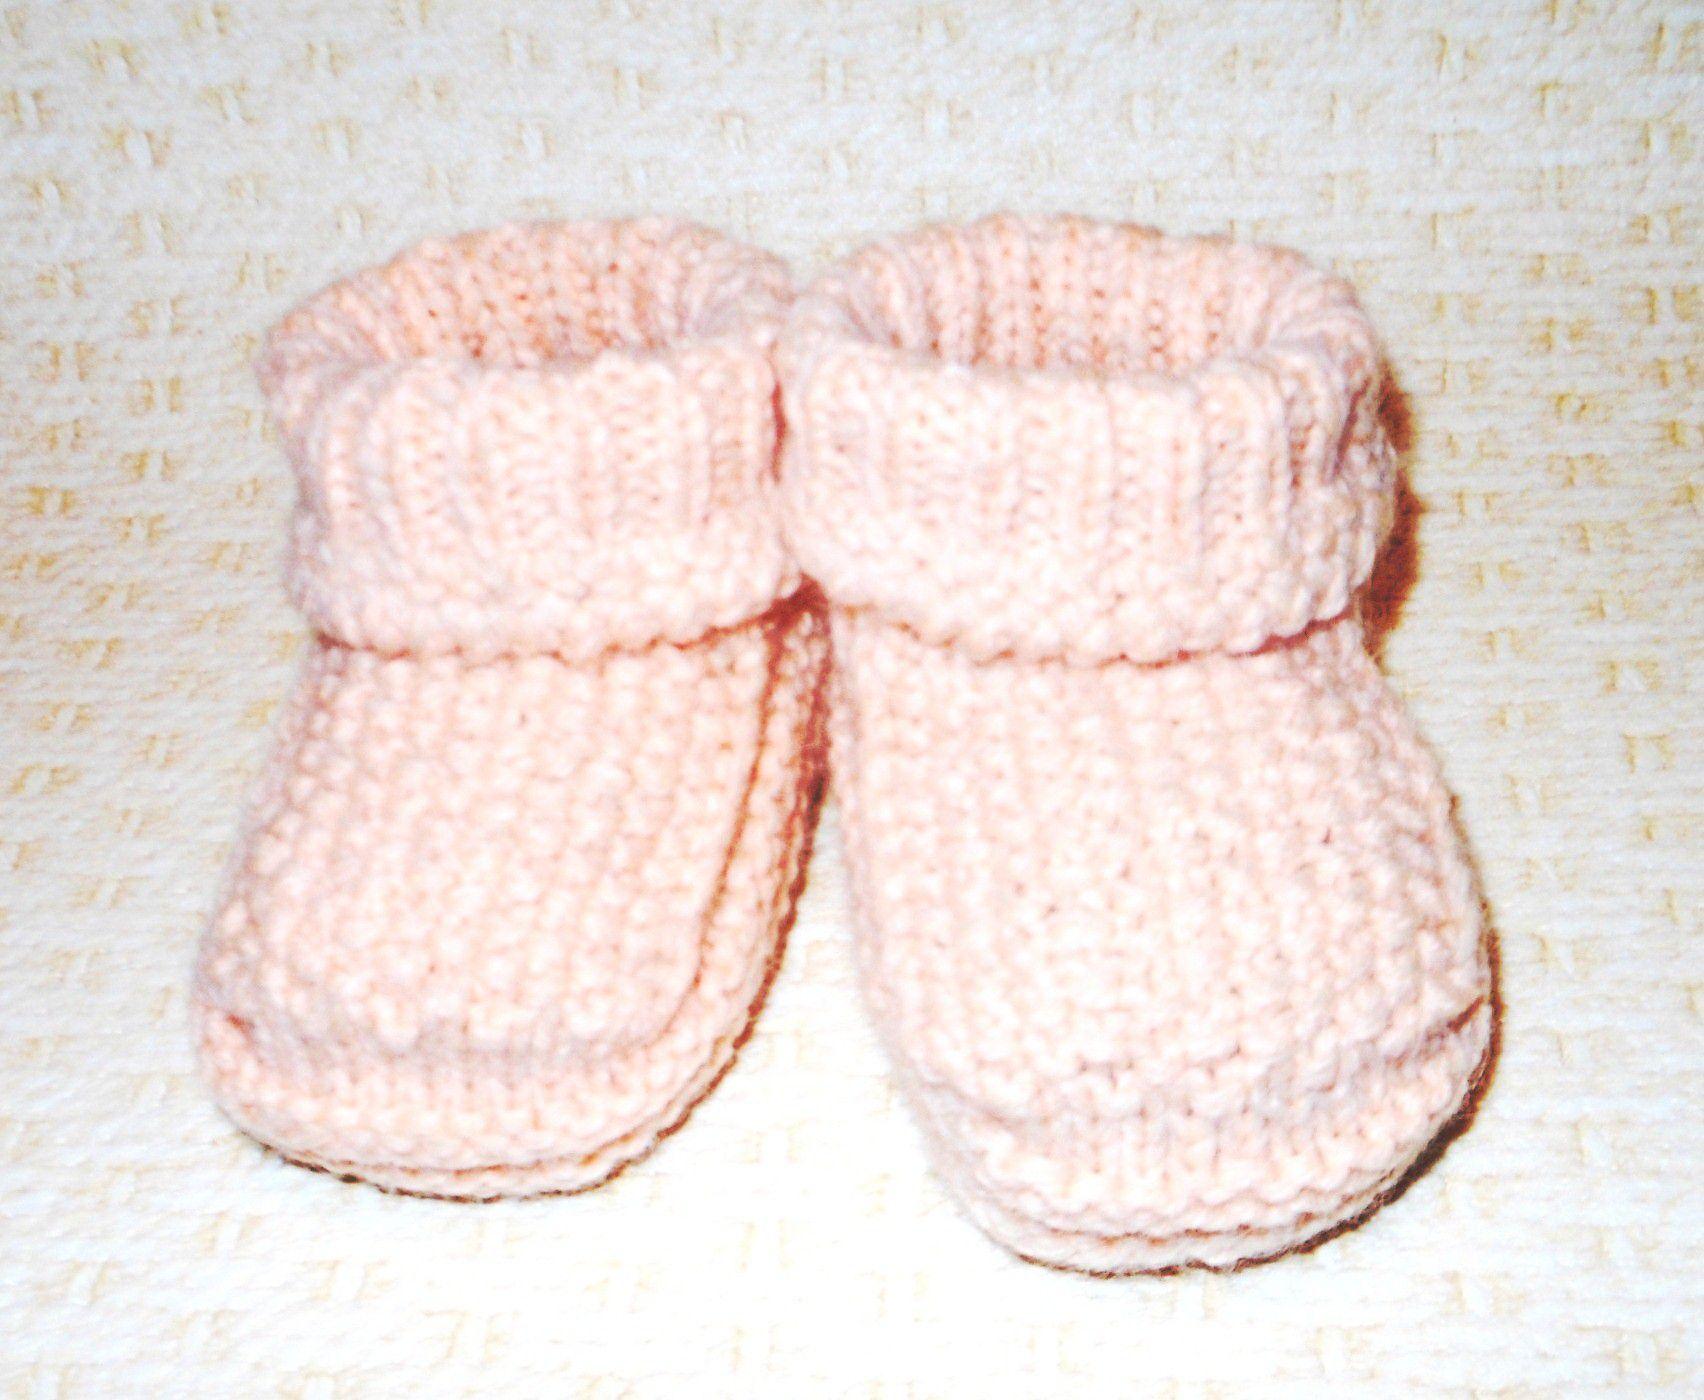 пинетки работа обувь шерсть носки ручная спицы вязание купить дети подарок